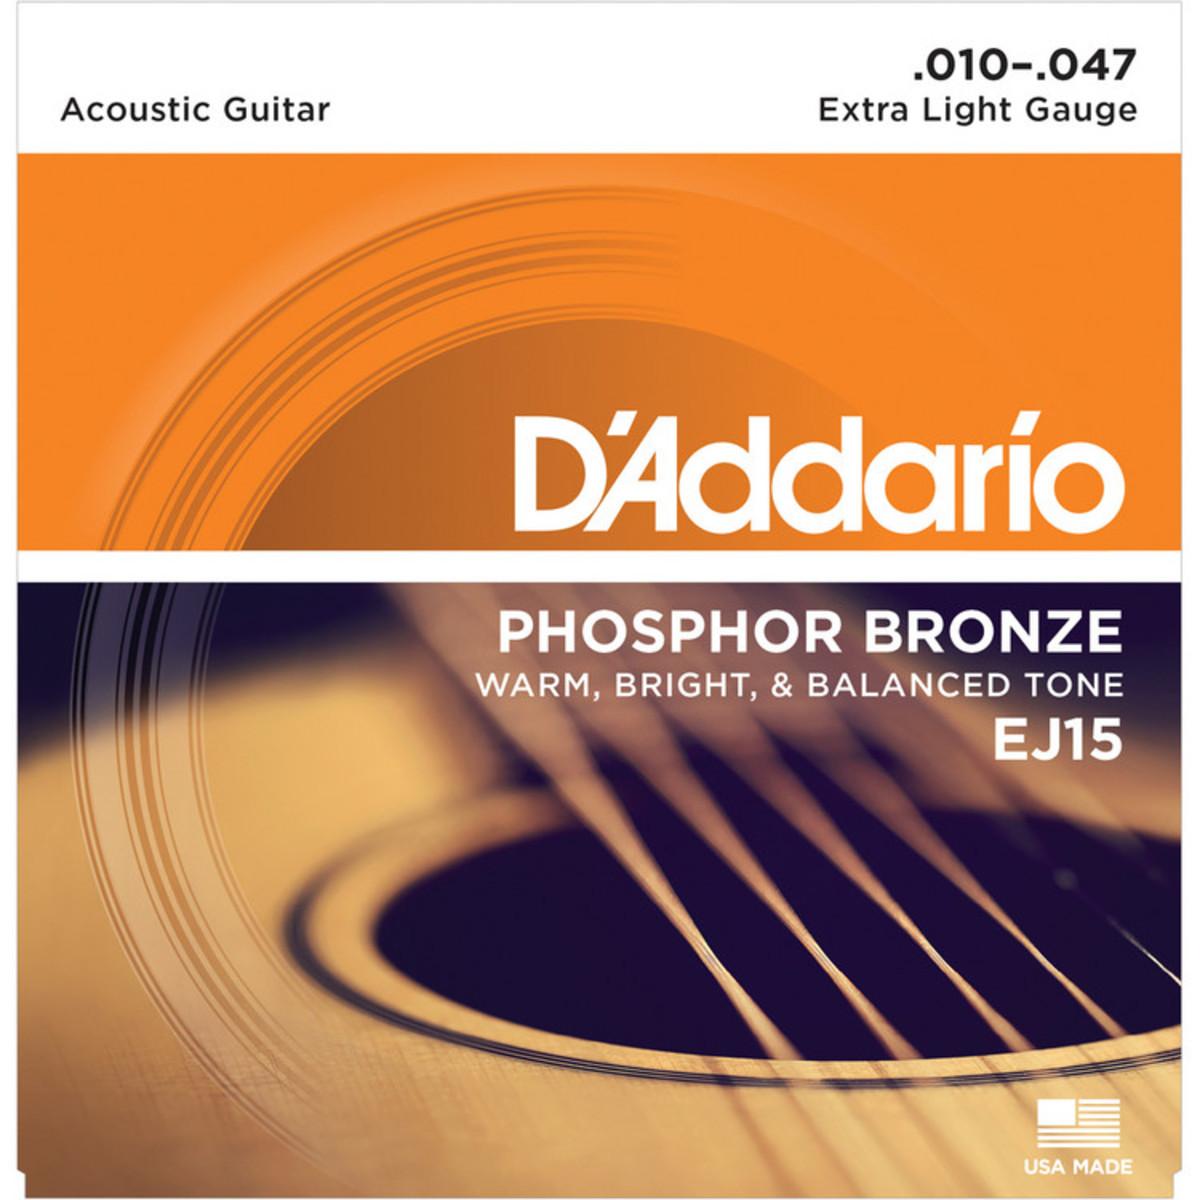 Daddario EJ15 Phosphor Bronze Guitar Strings 10-47